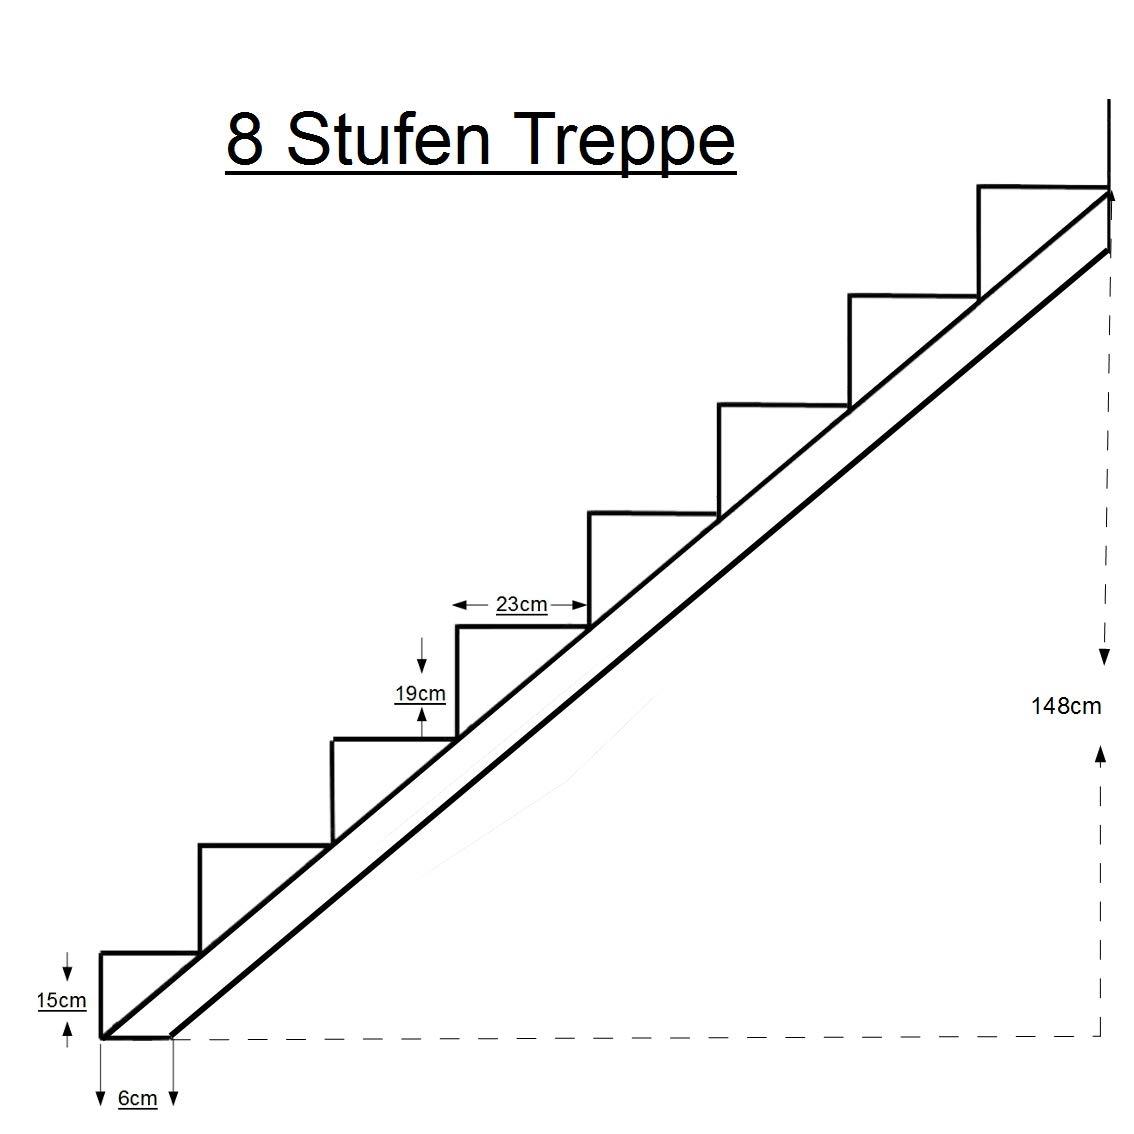 Treppenrahmen 2-10 Stufen-Wahl Stahl-Treppe Schwarz Treppenholm//W/ählen Sie die Stufen-Anzahl 7 stufig